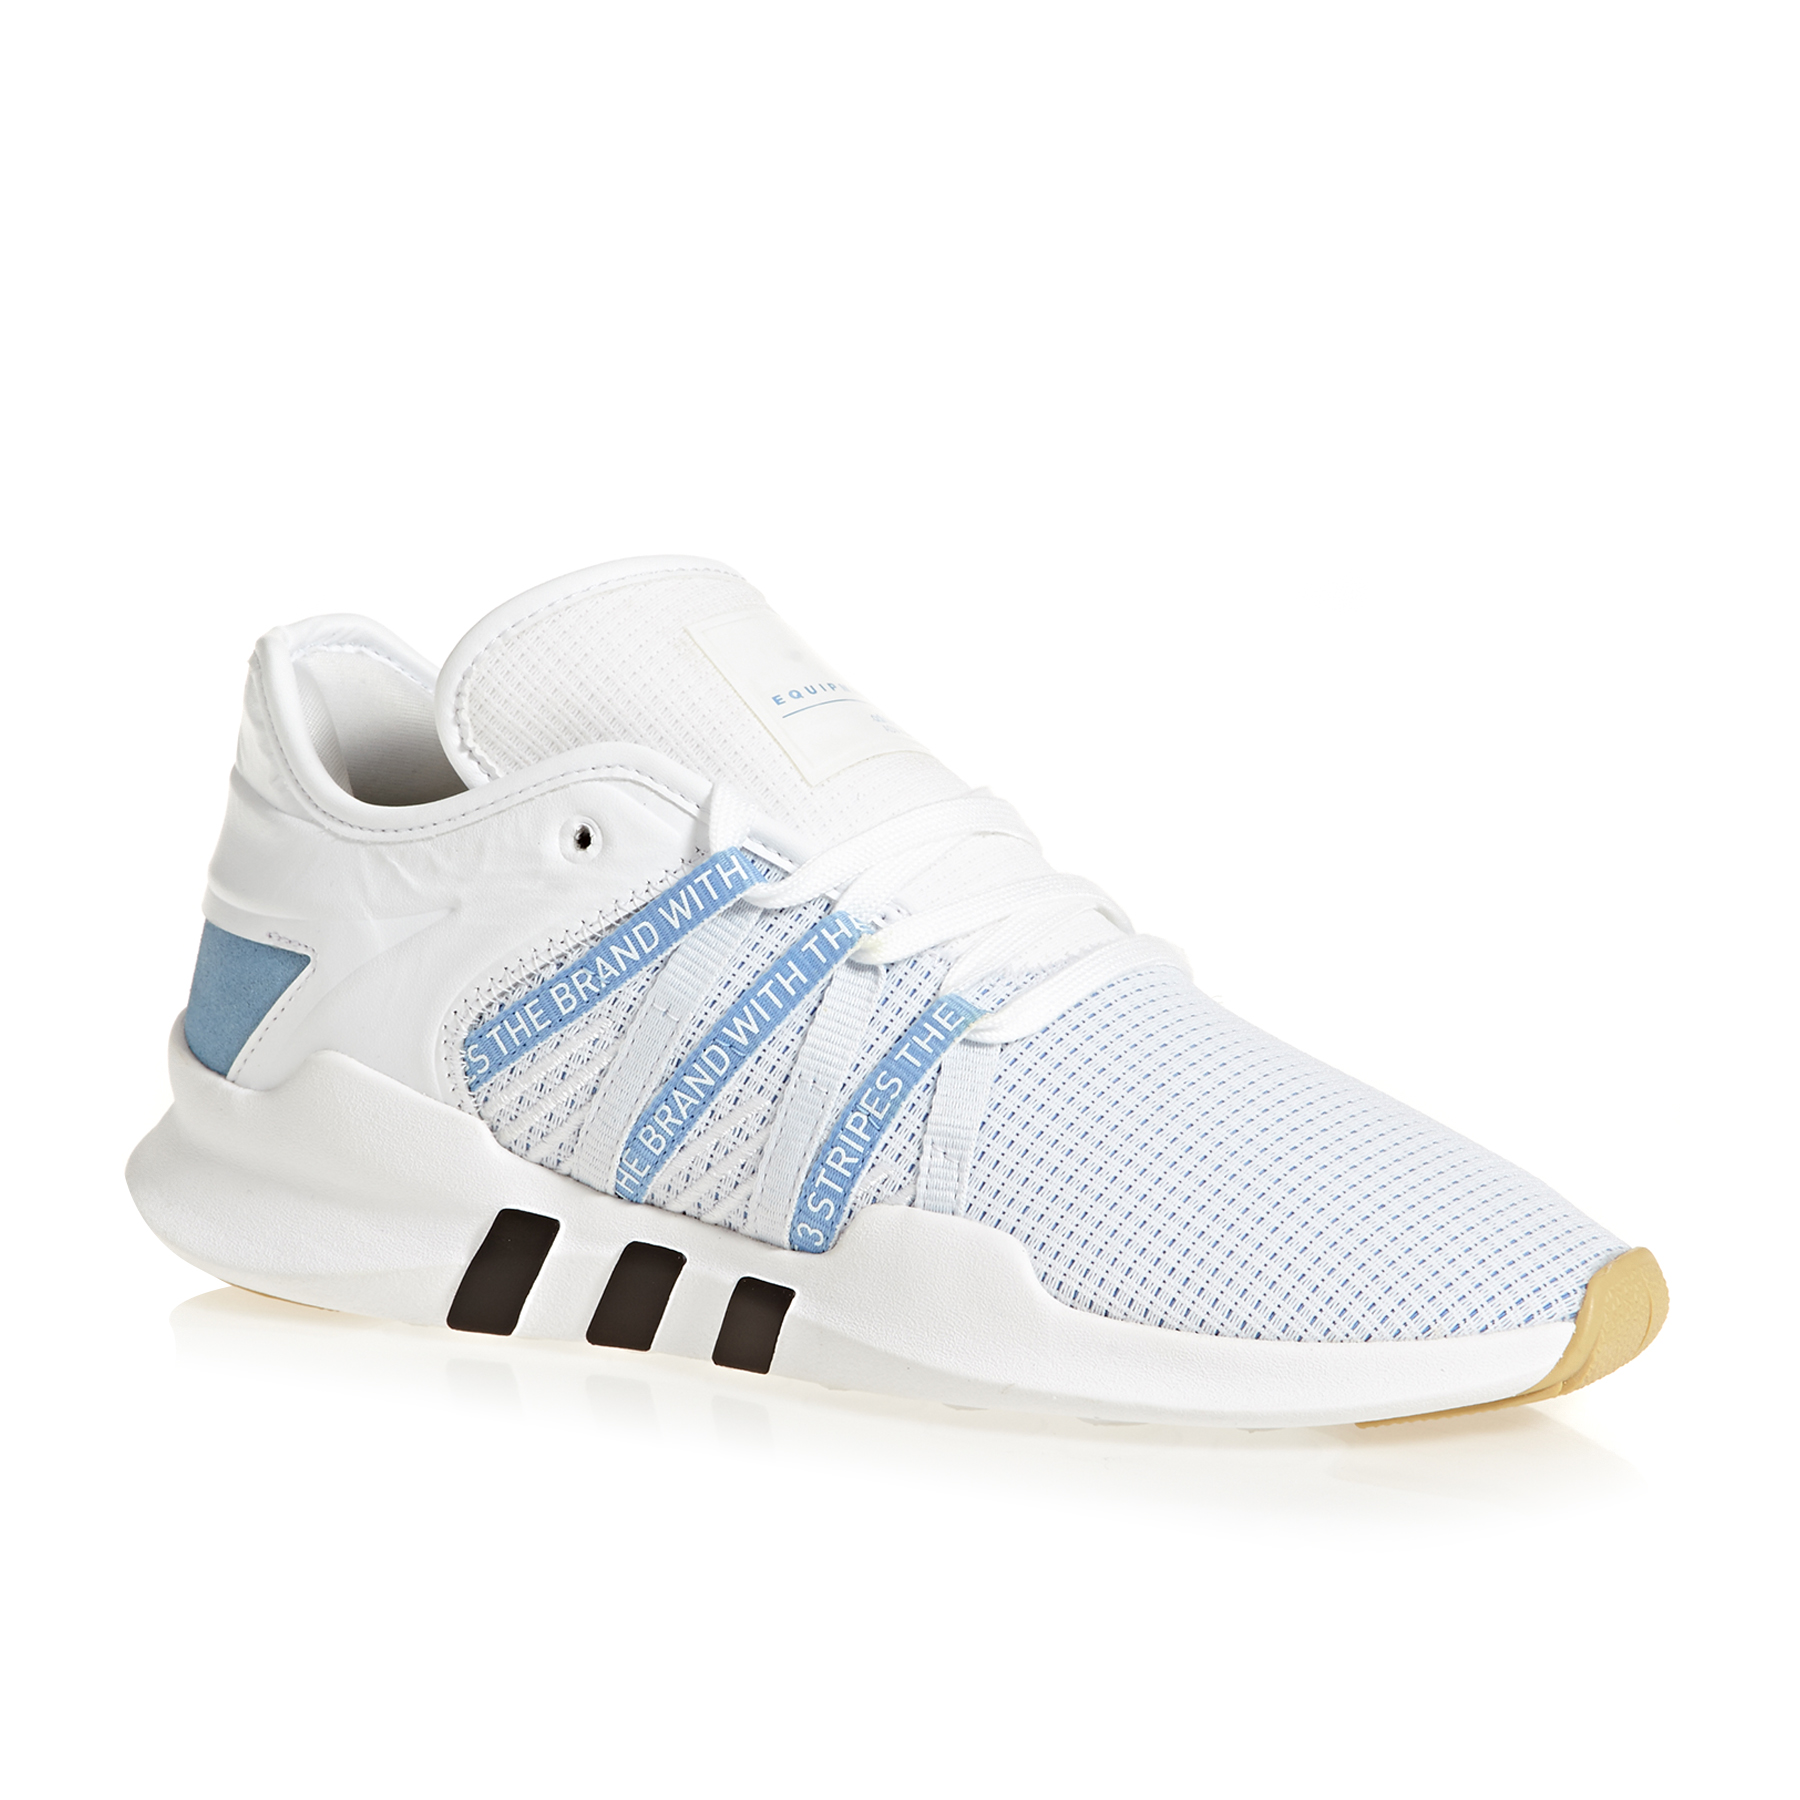 Sapatos Senhora Adidas Originals EQT Racing Adv Envio Grátis